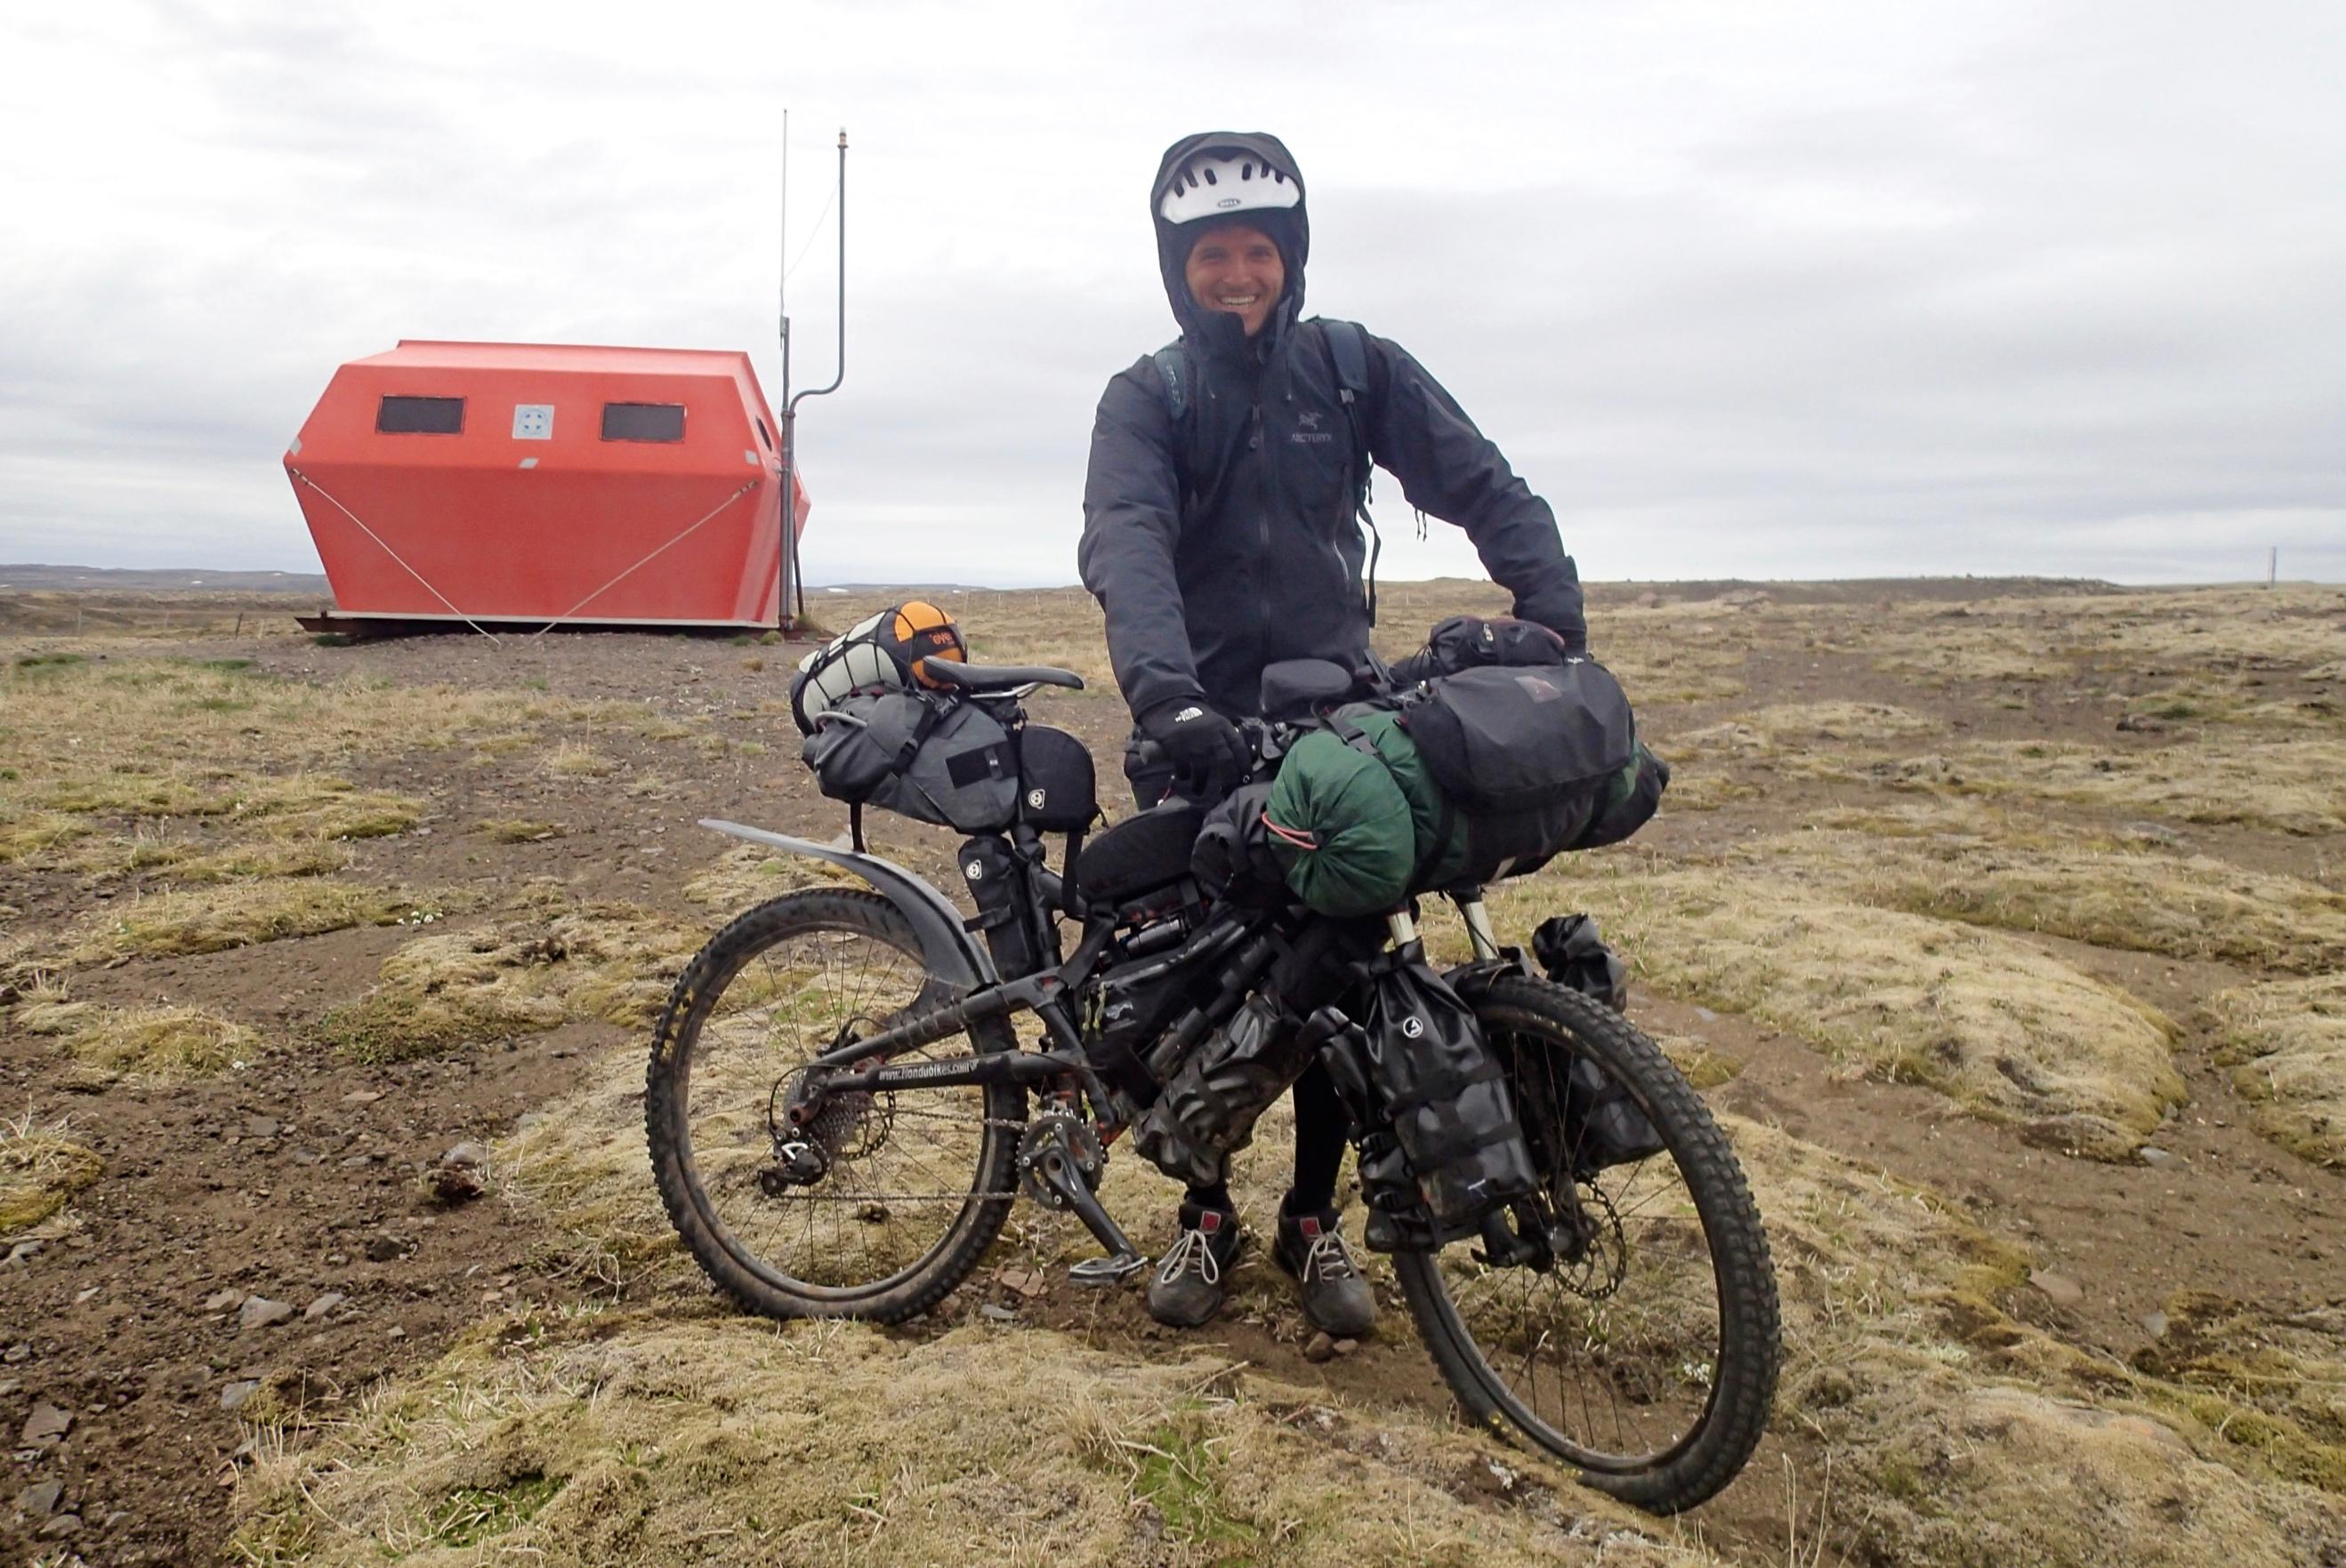 Luke, the Australian bikepacker